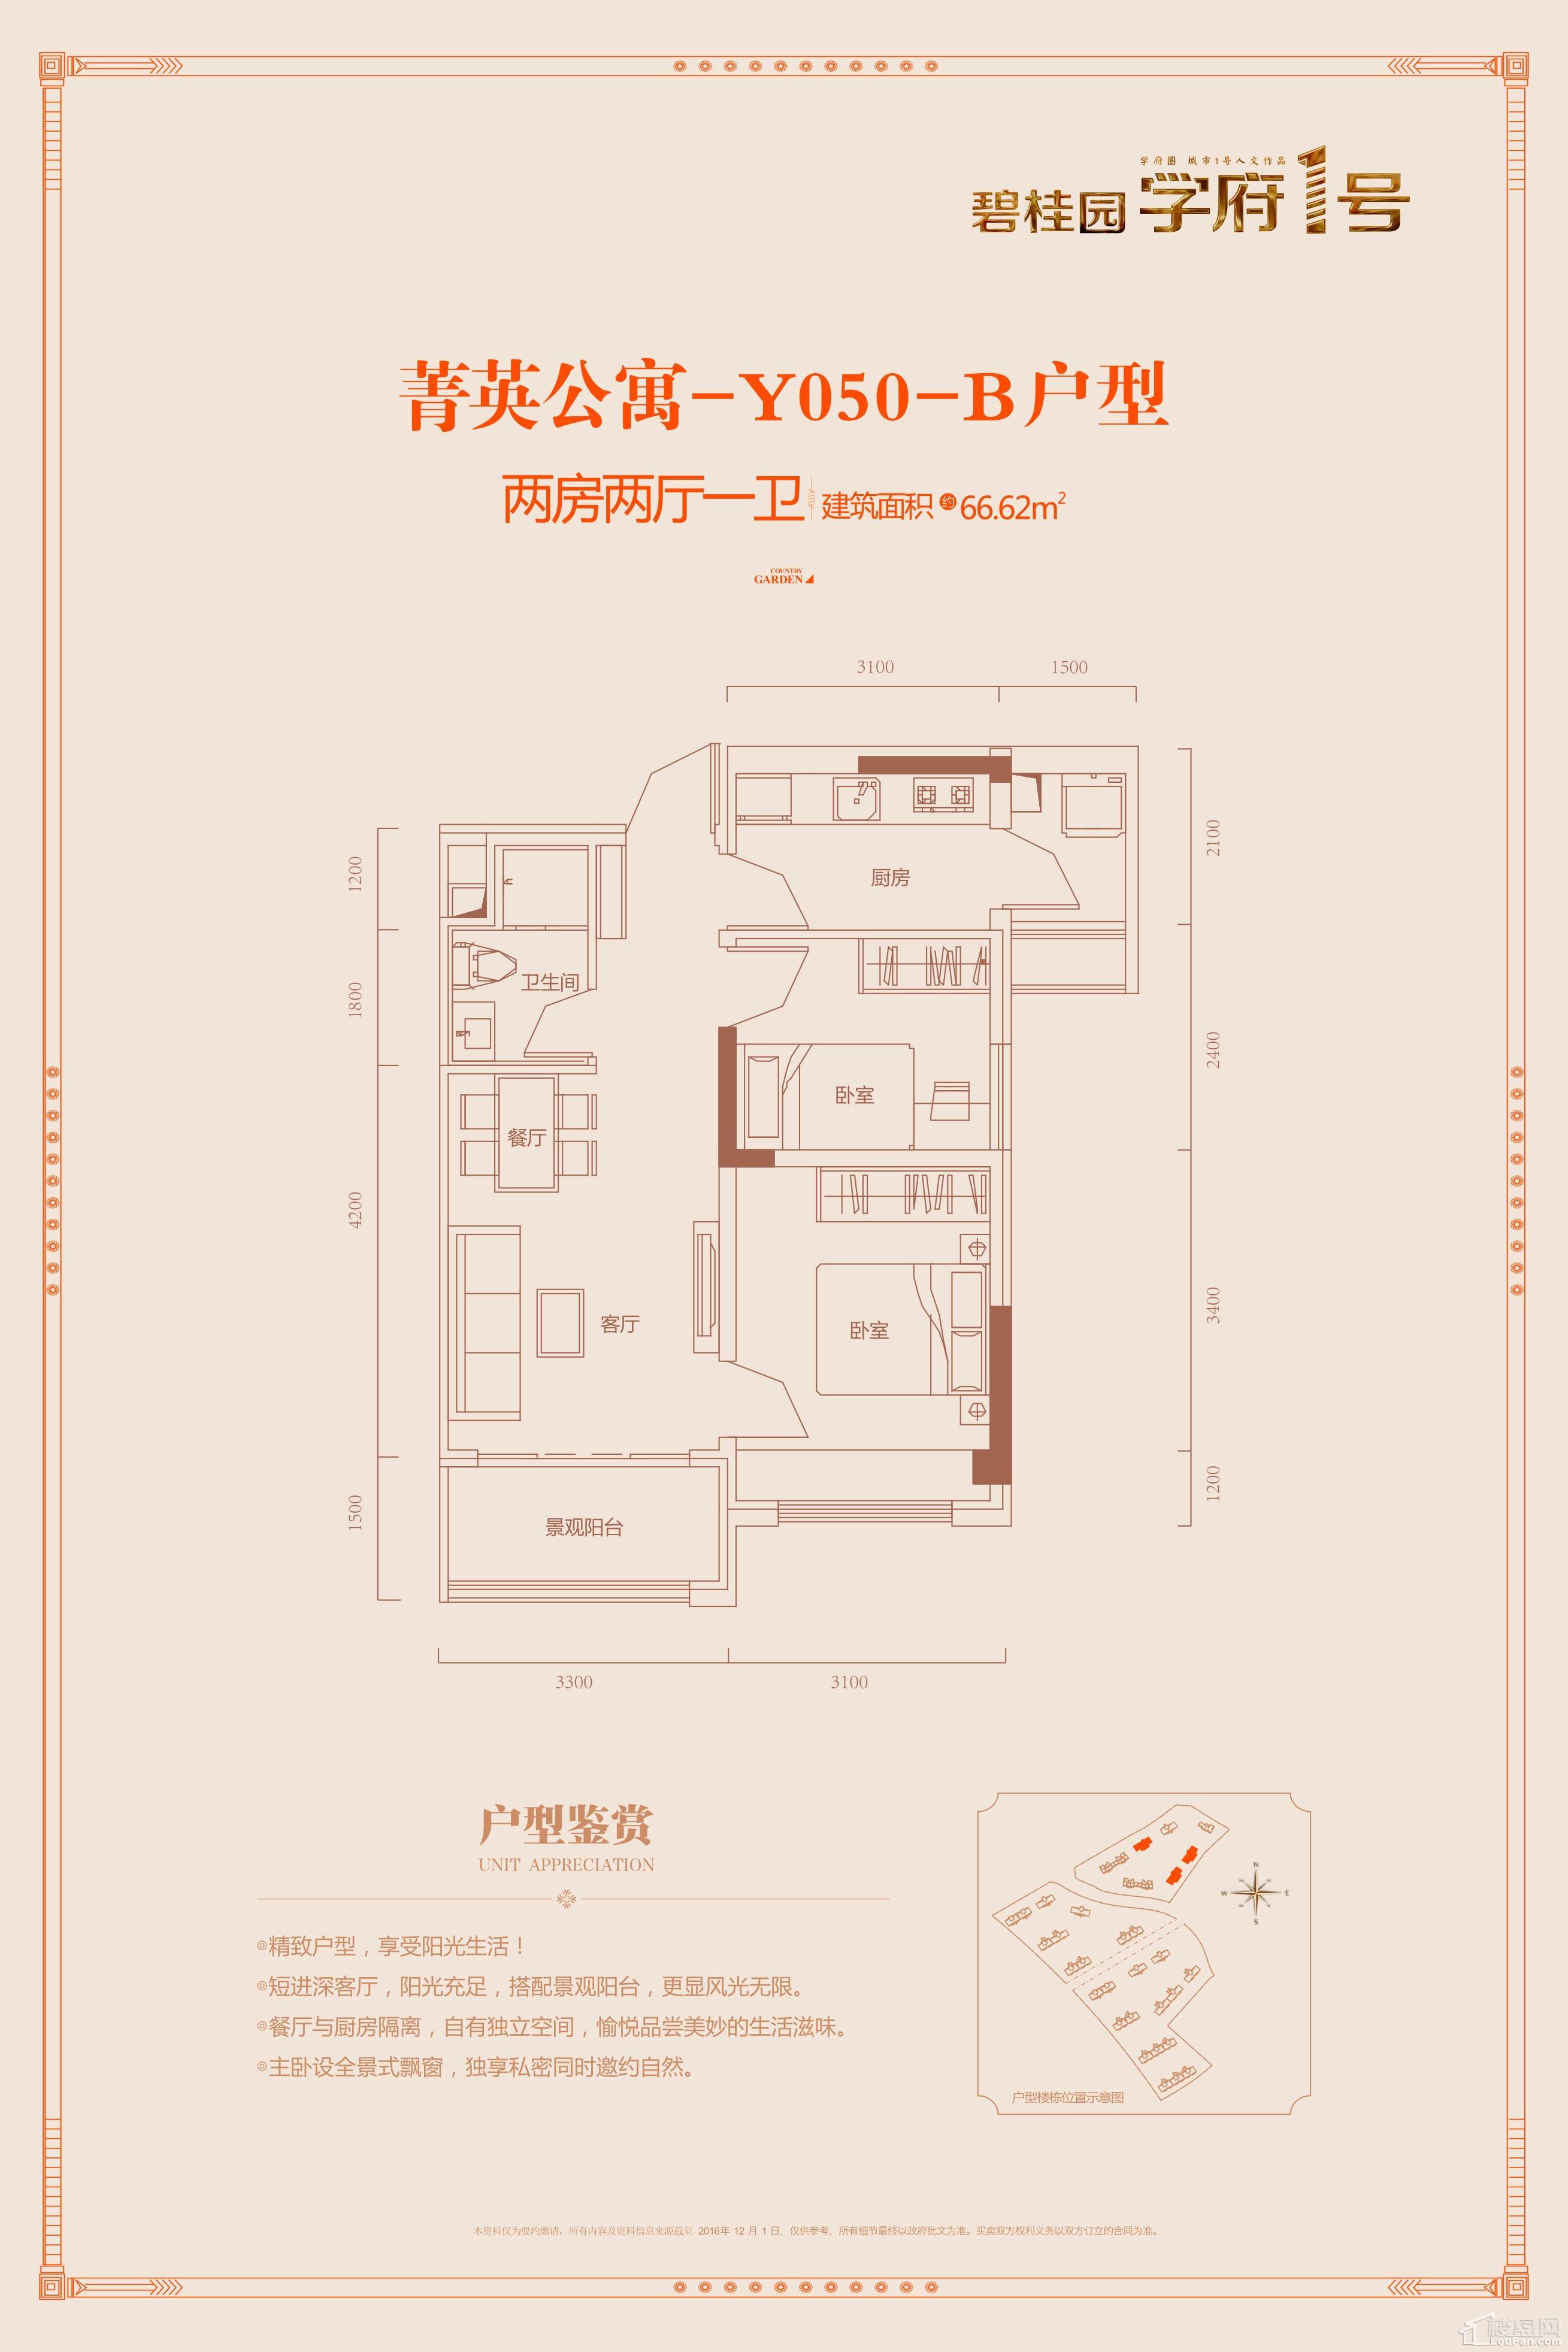 菁英公寓-Y050-B户型